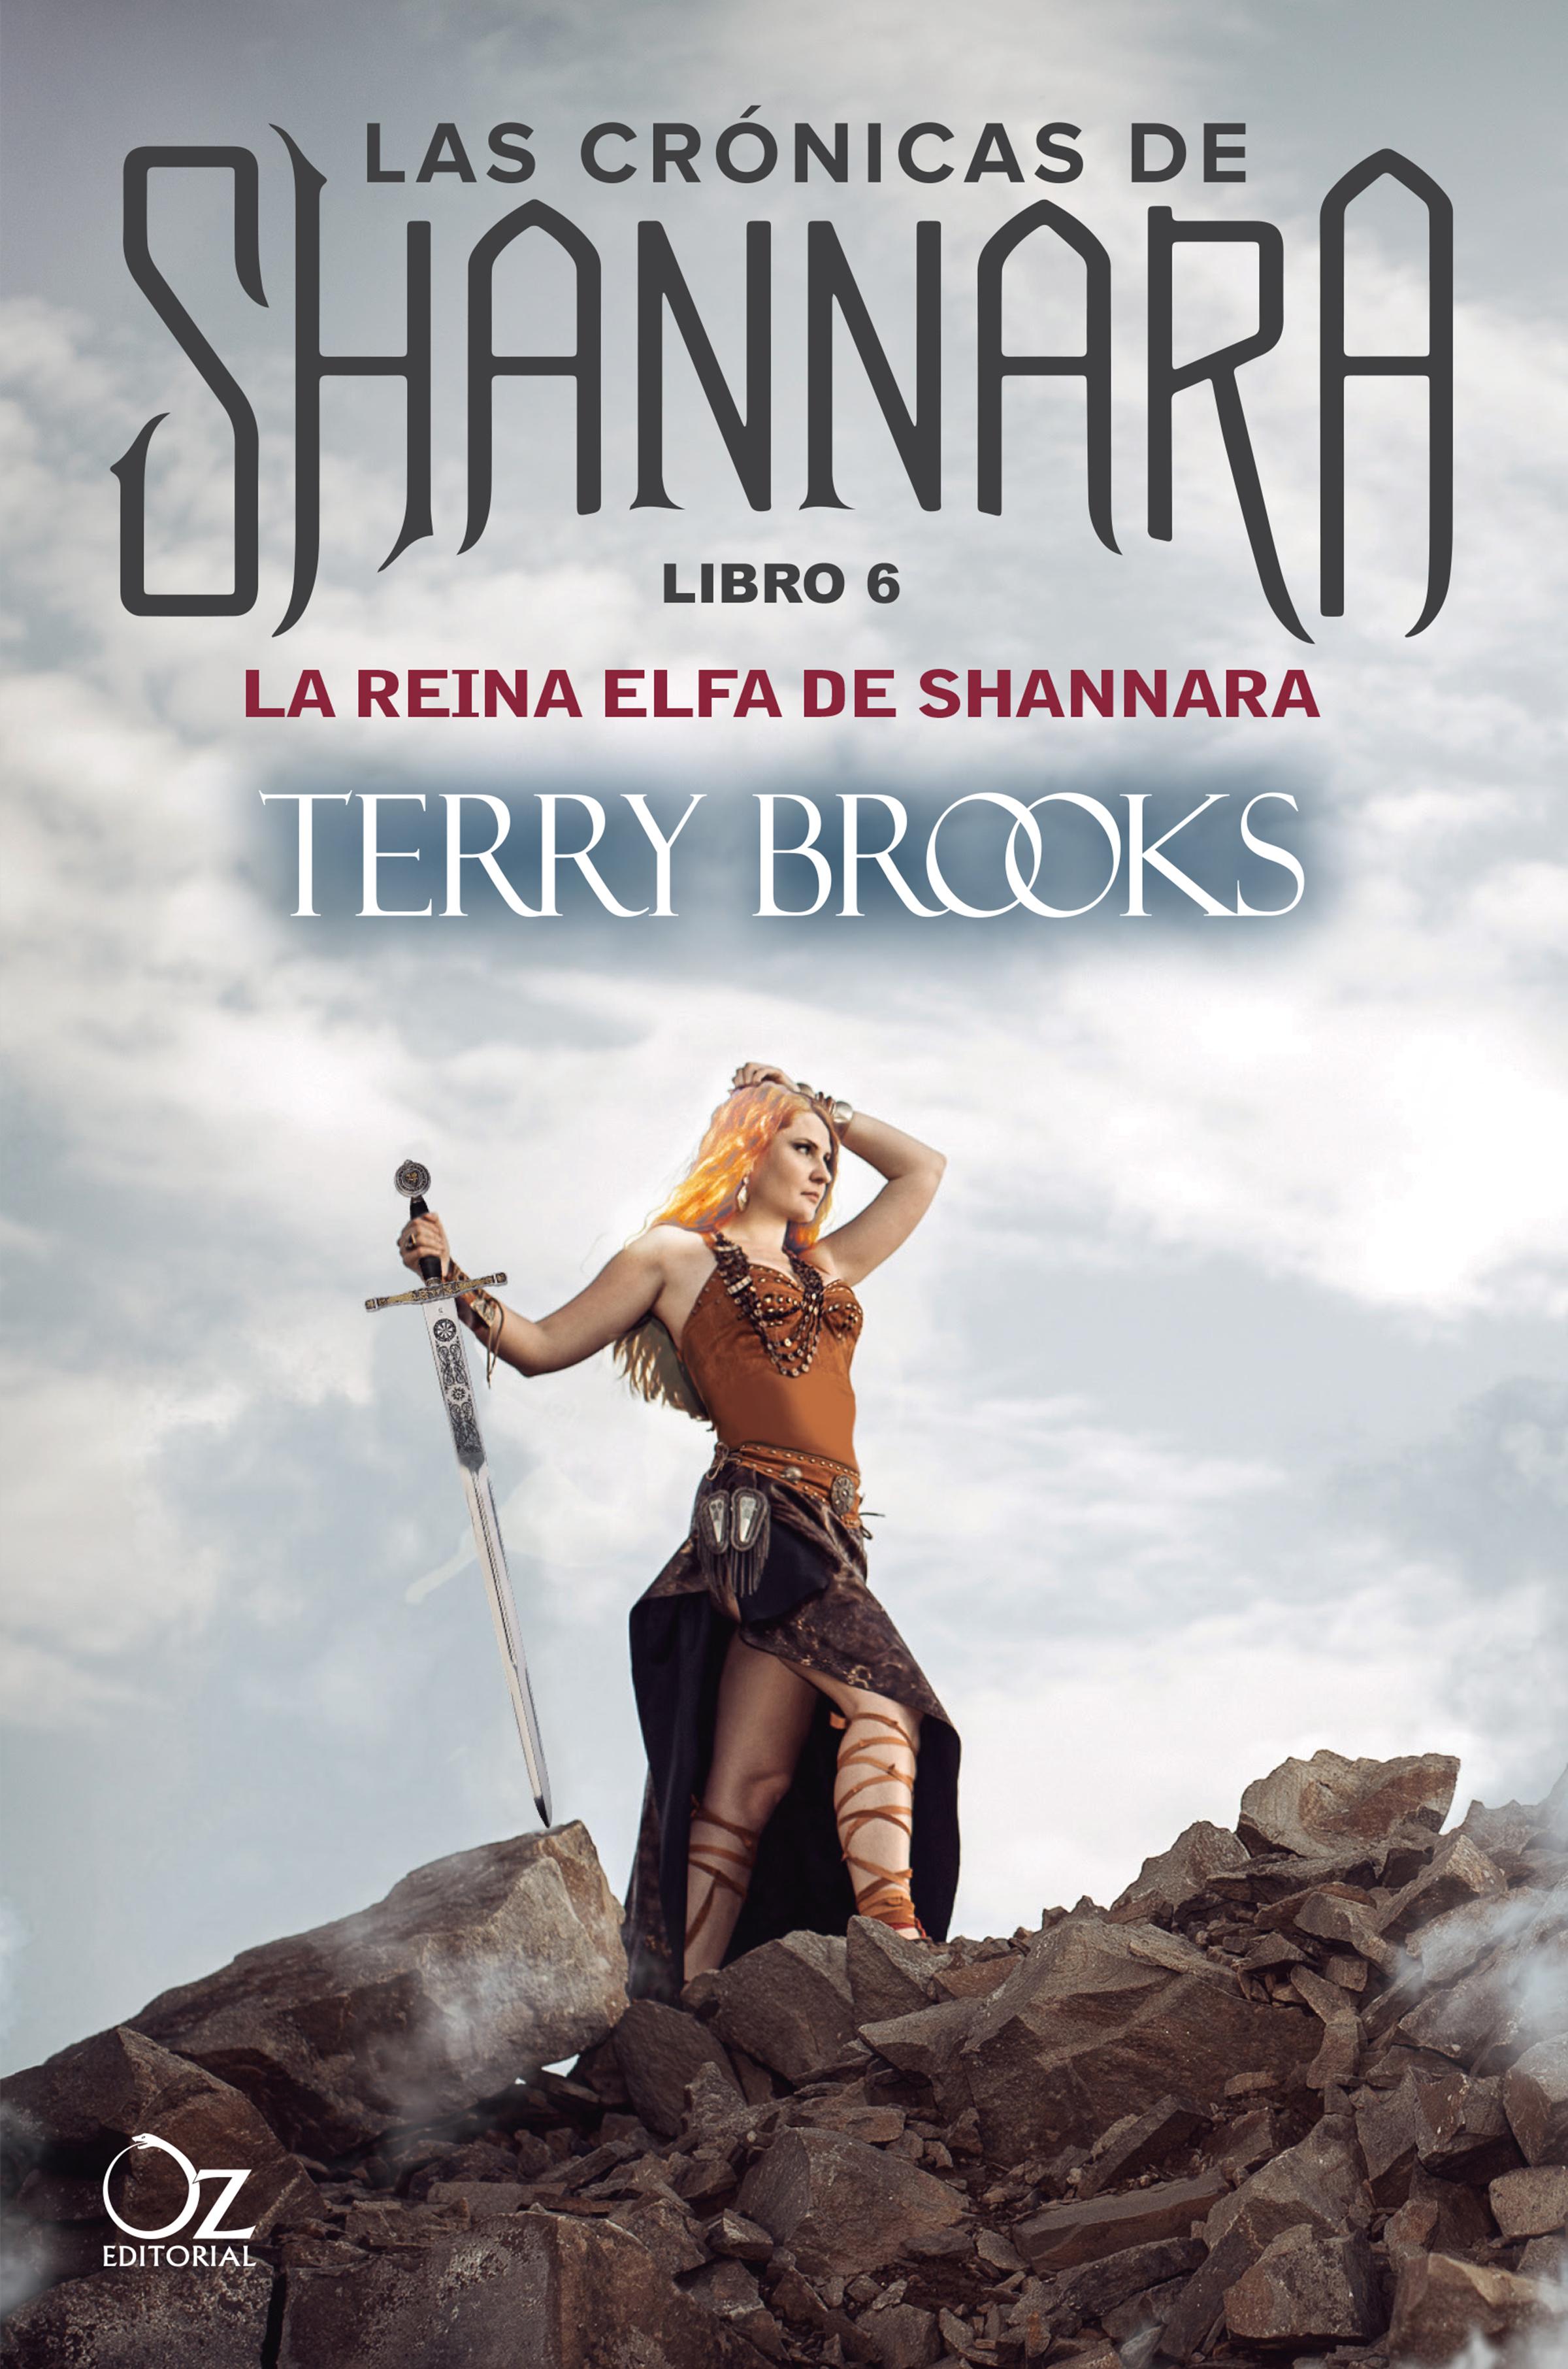 Terry Brooks La reina elfa de Shannara terry brooks los herederos de shannara